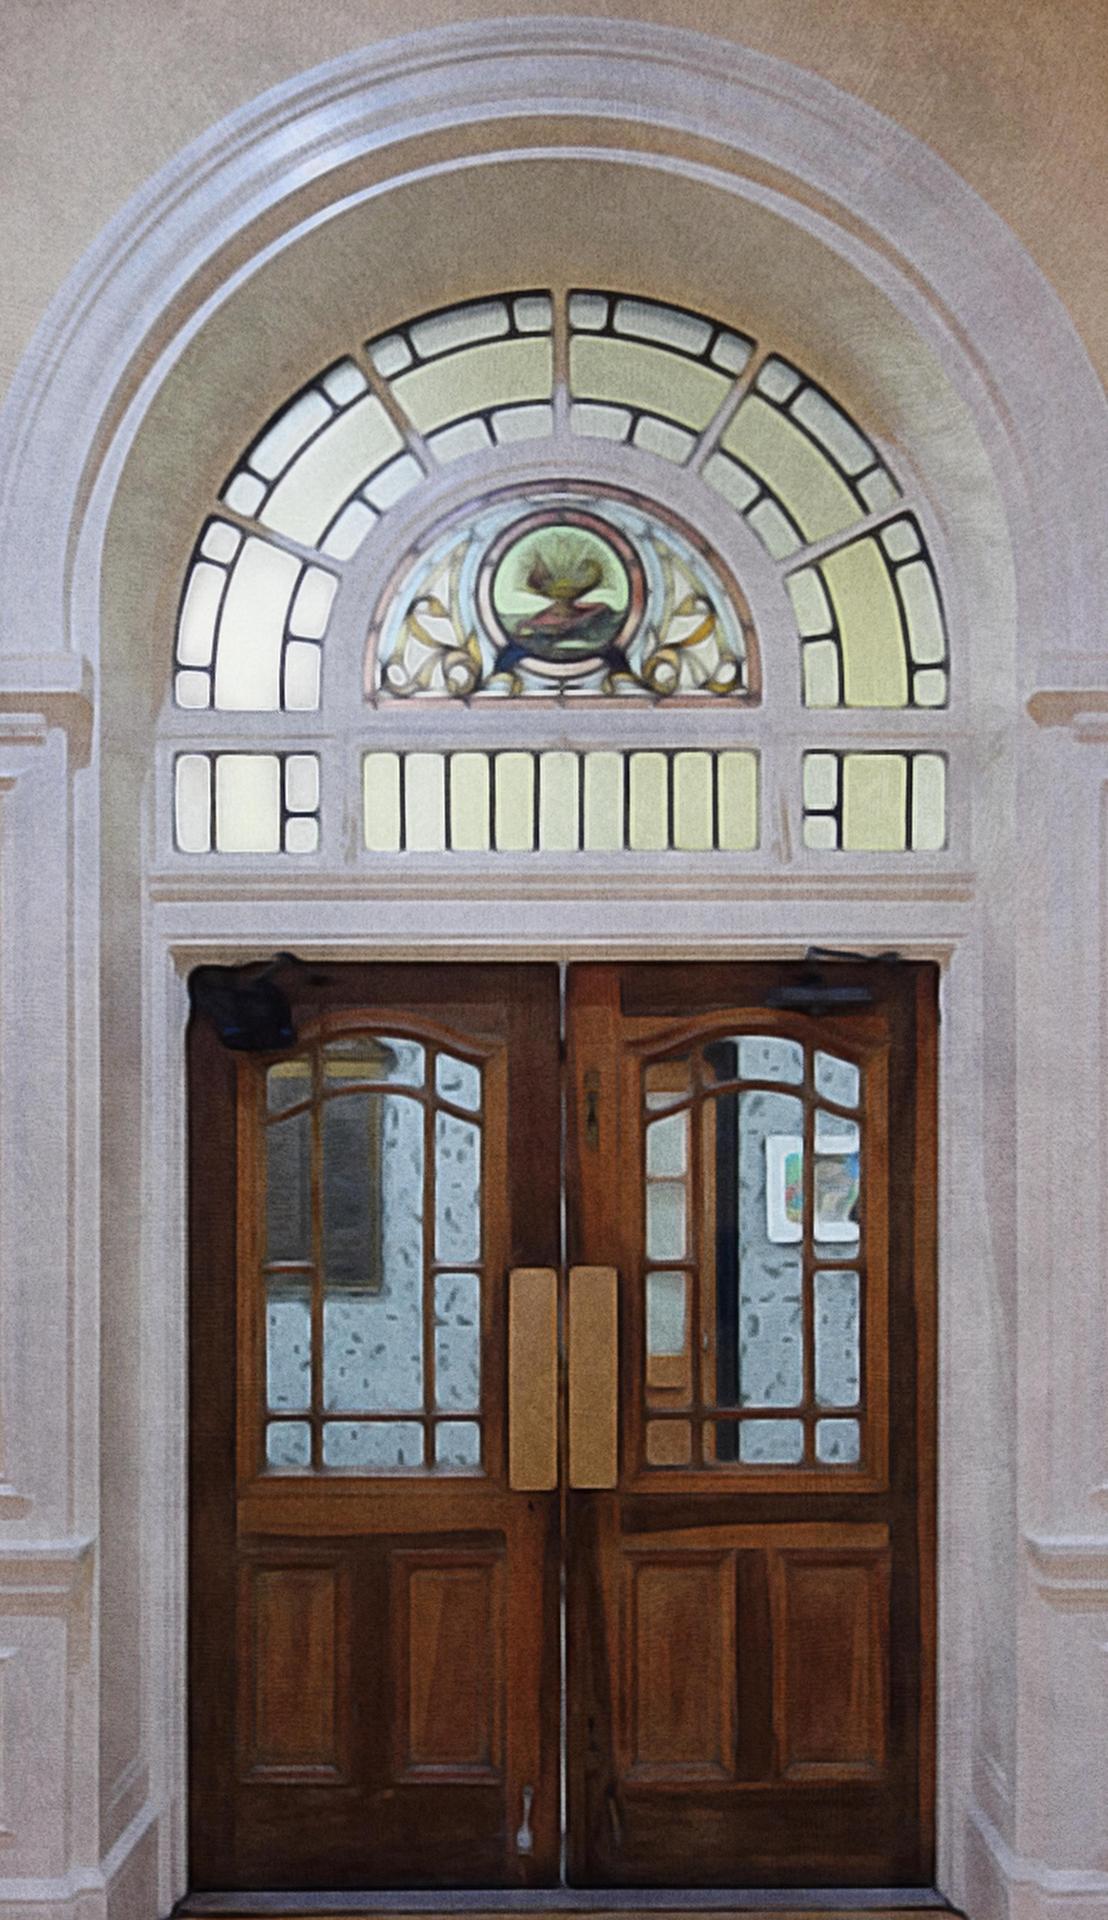 SJB Stained Glass Window